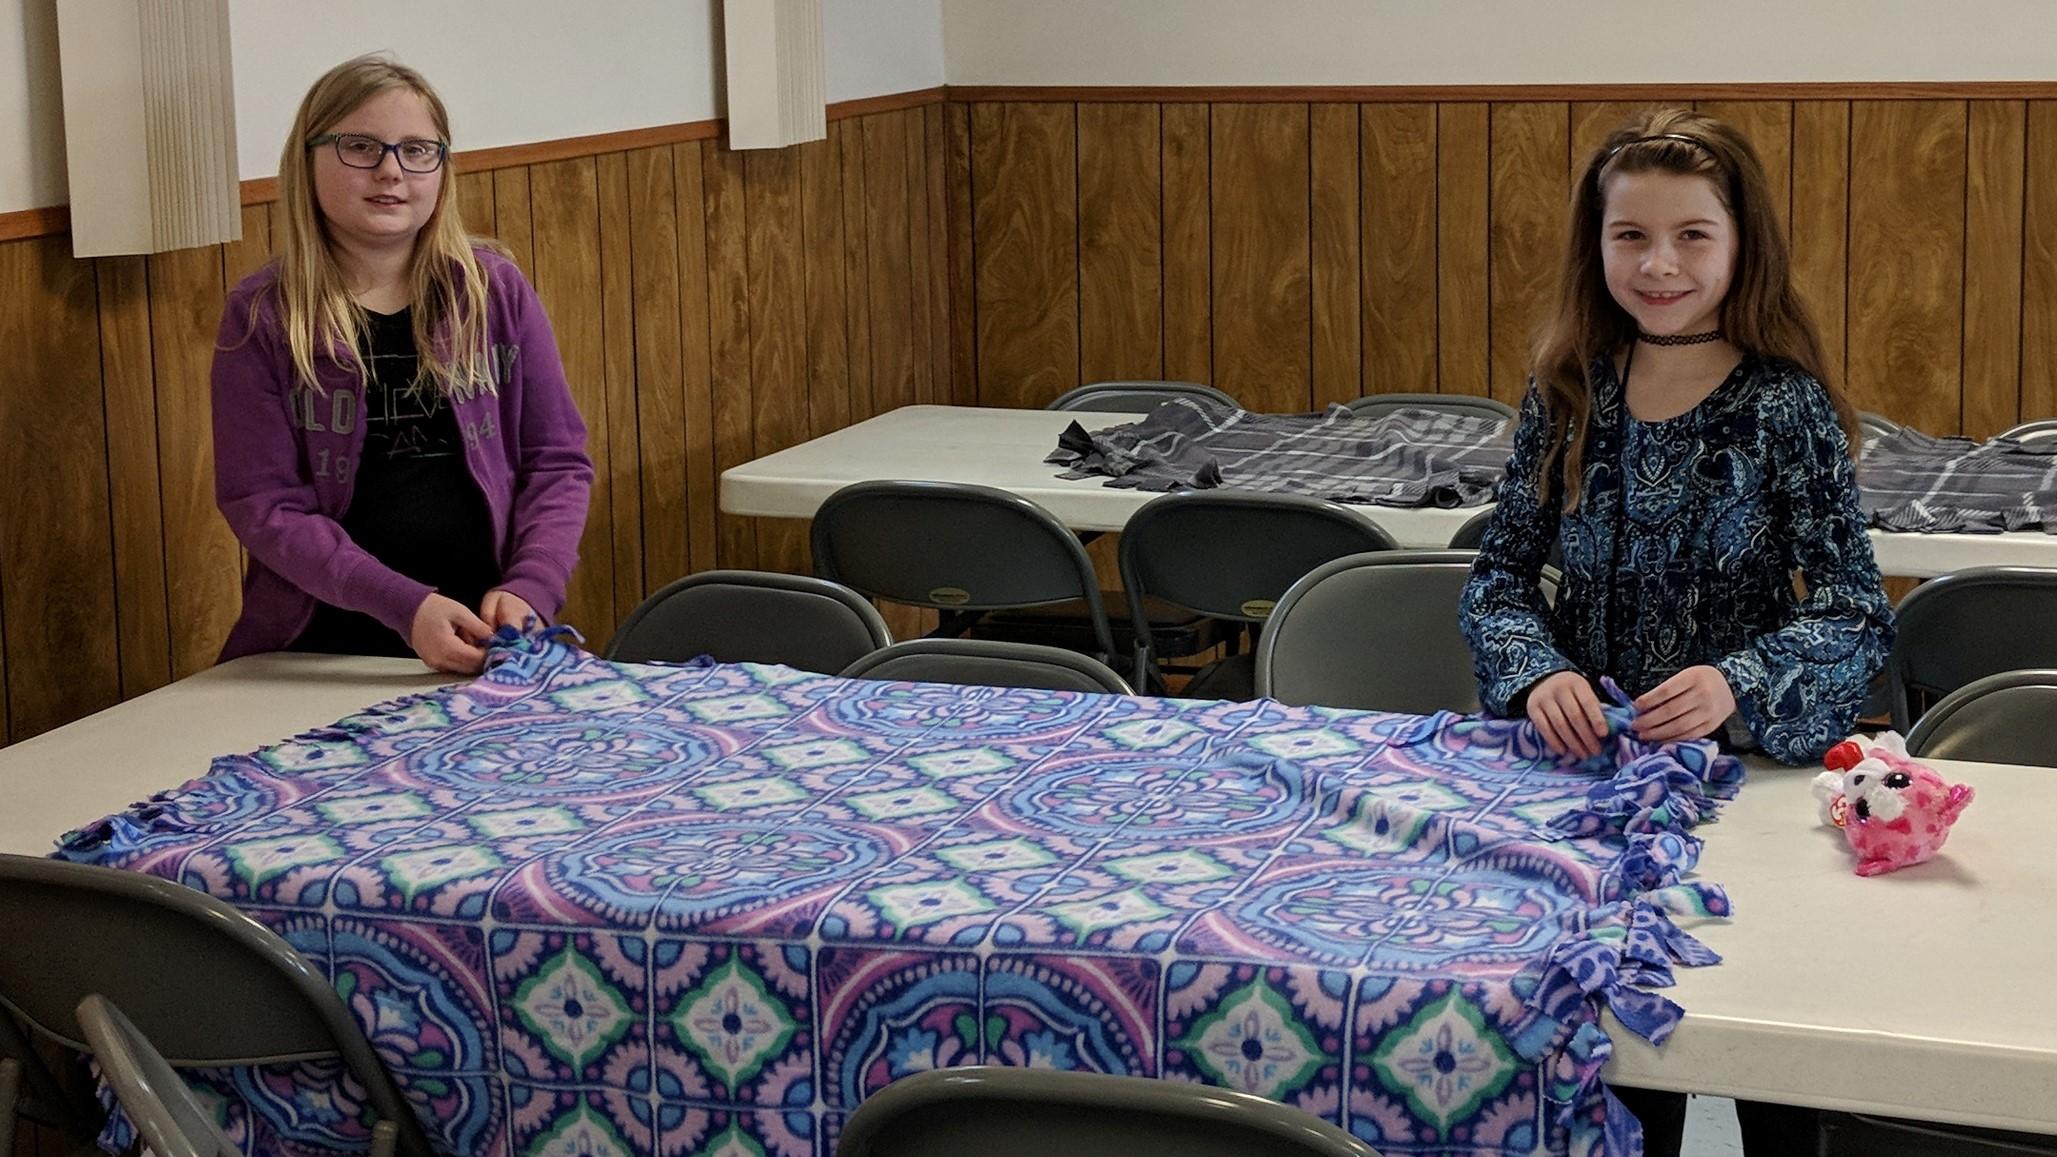 tying prayer blankets